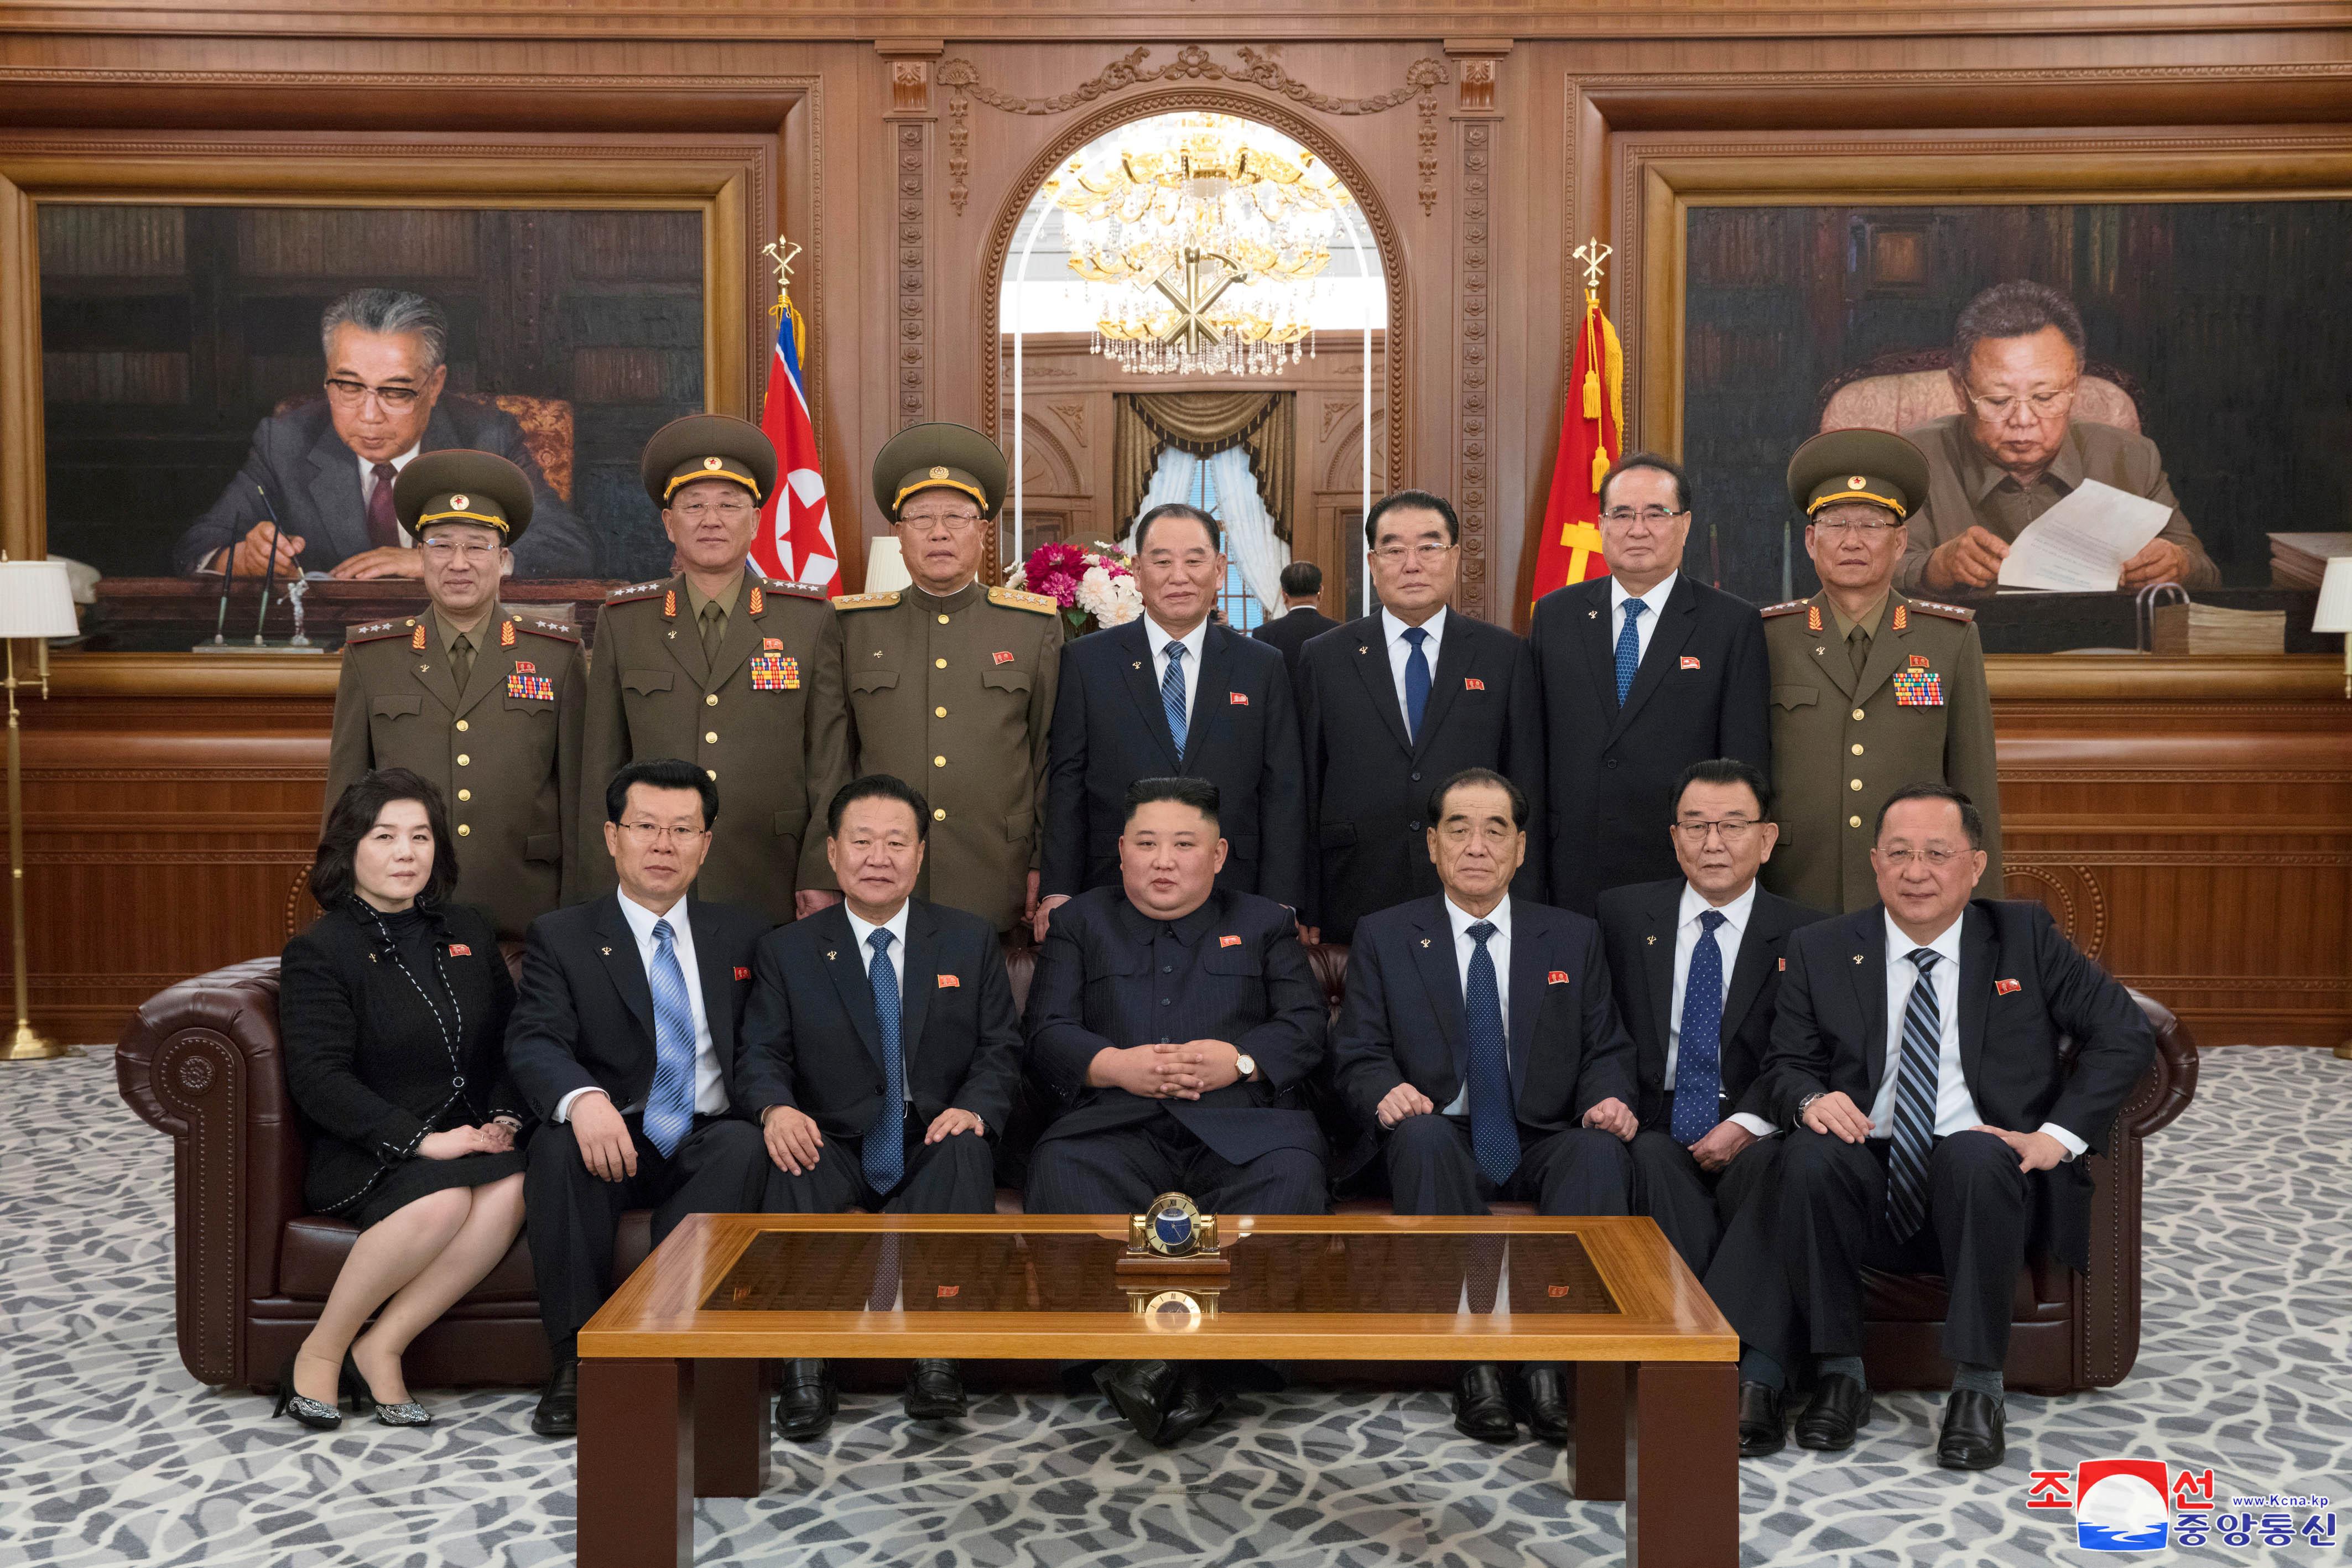 Ким в окружении преданных парламентариев